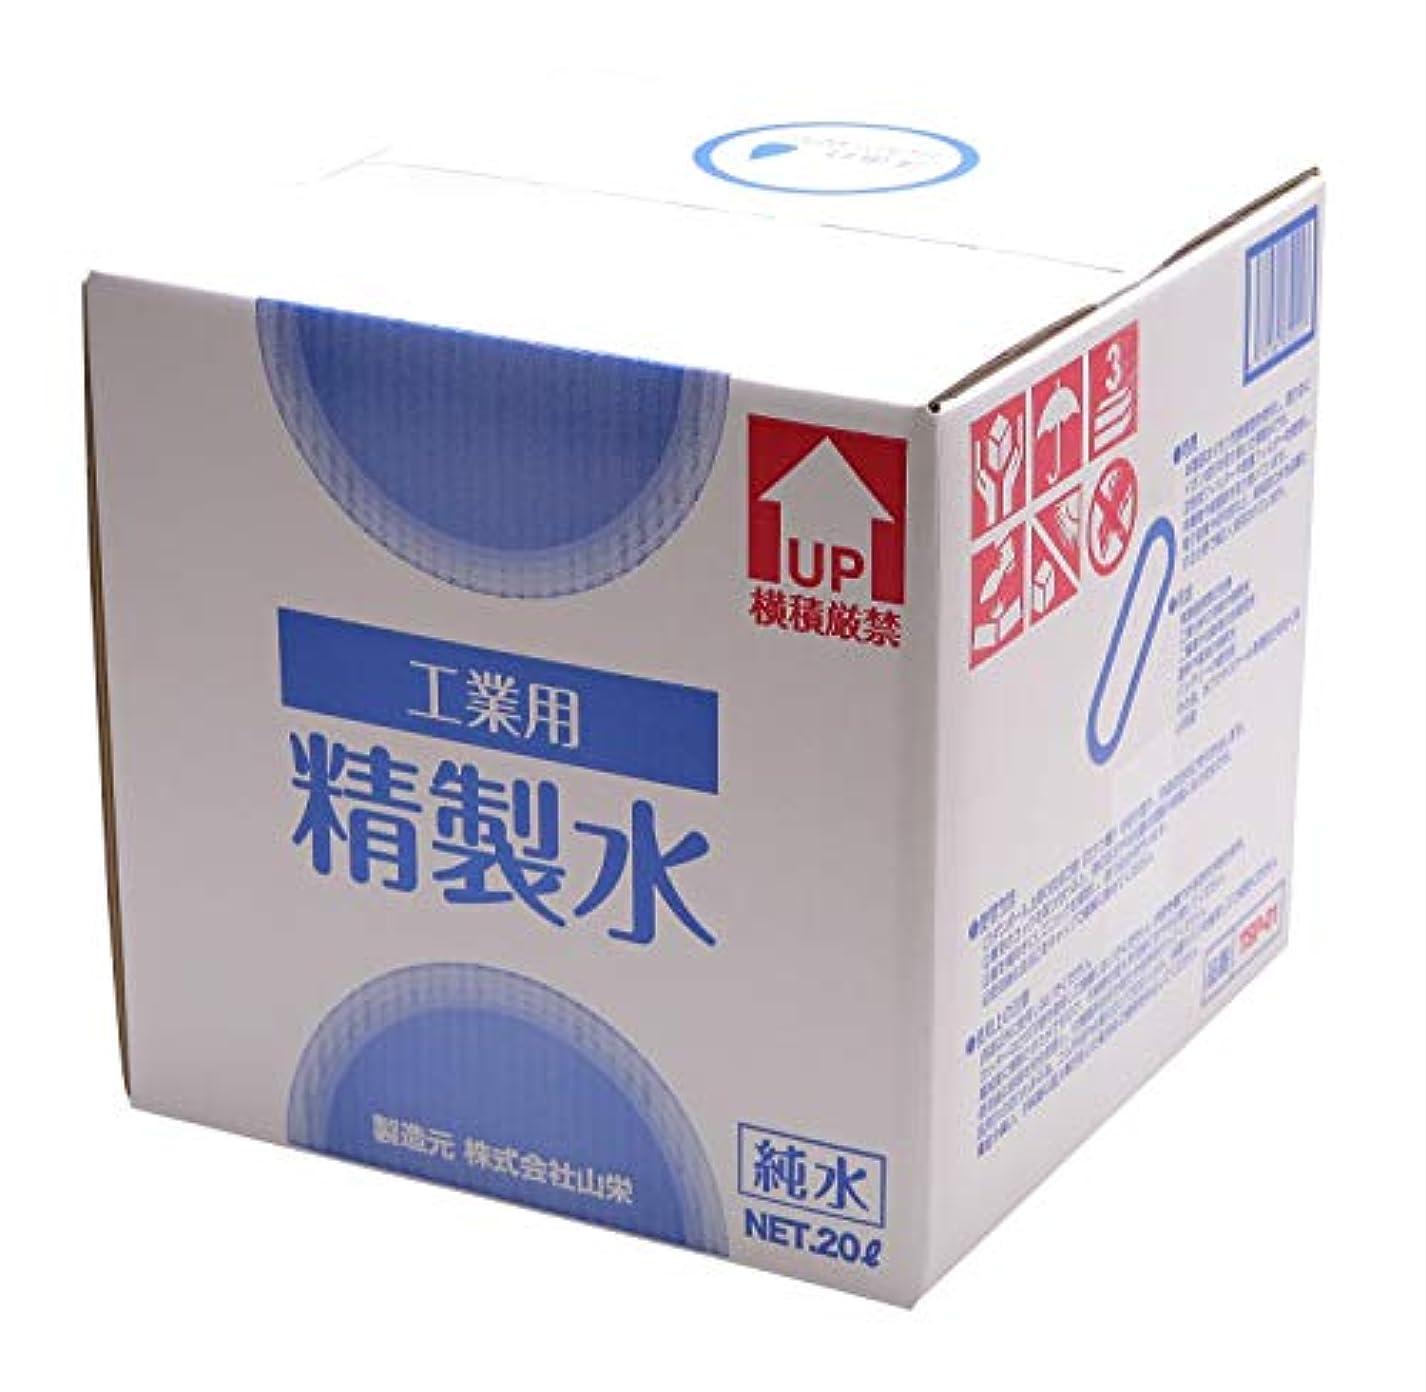 ポータル収縮騒サンエイ化学 工業用 精製水 純水 20L×10箱 コック付き